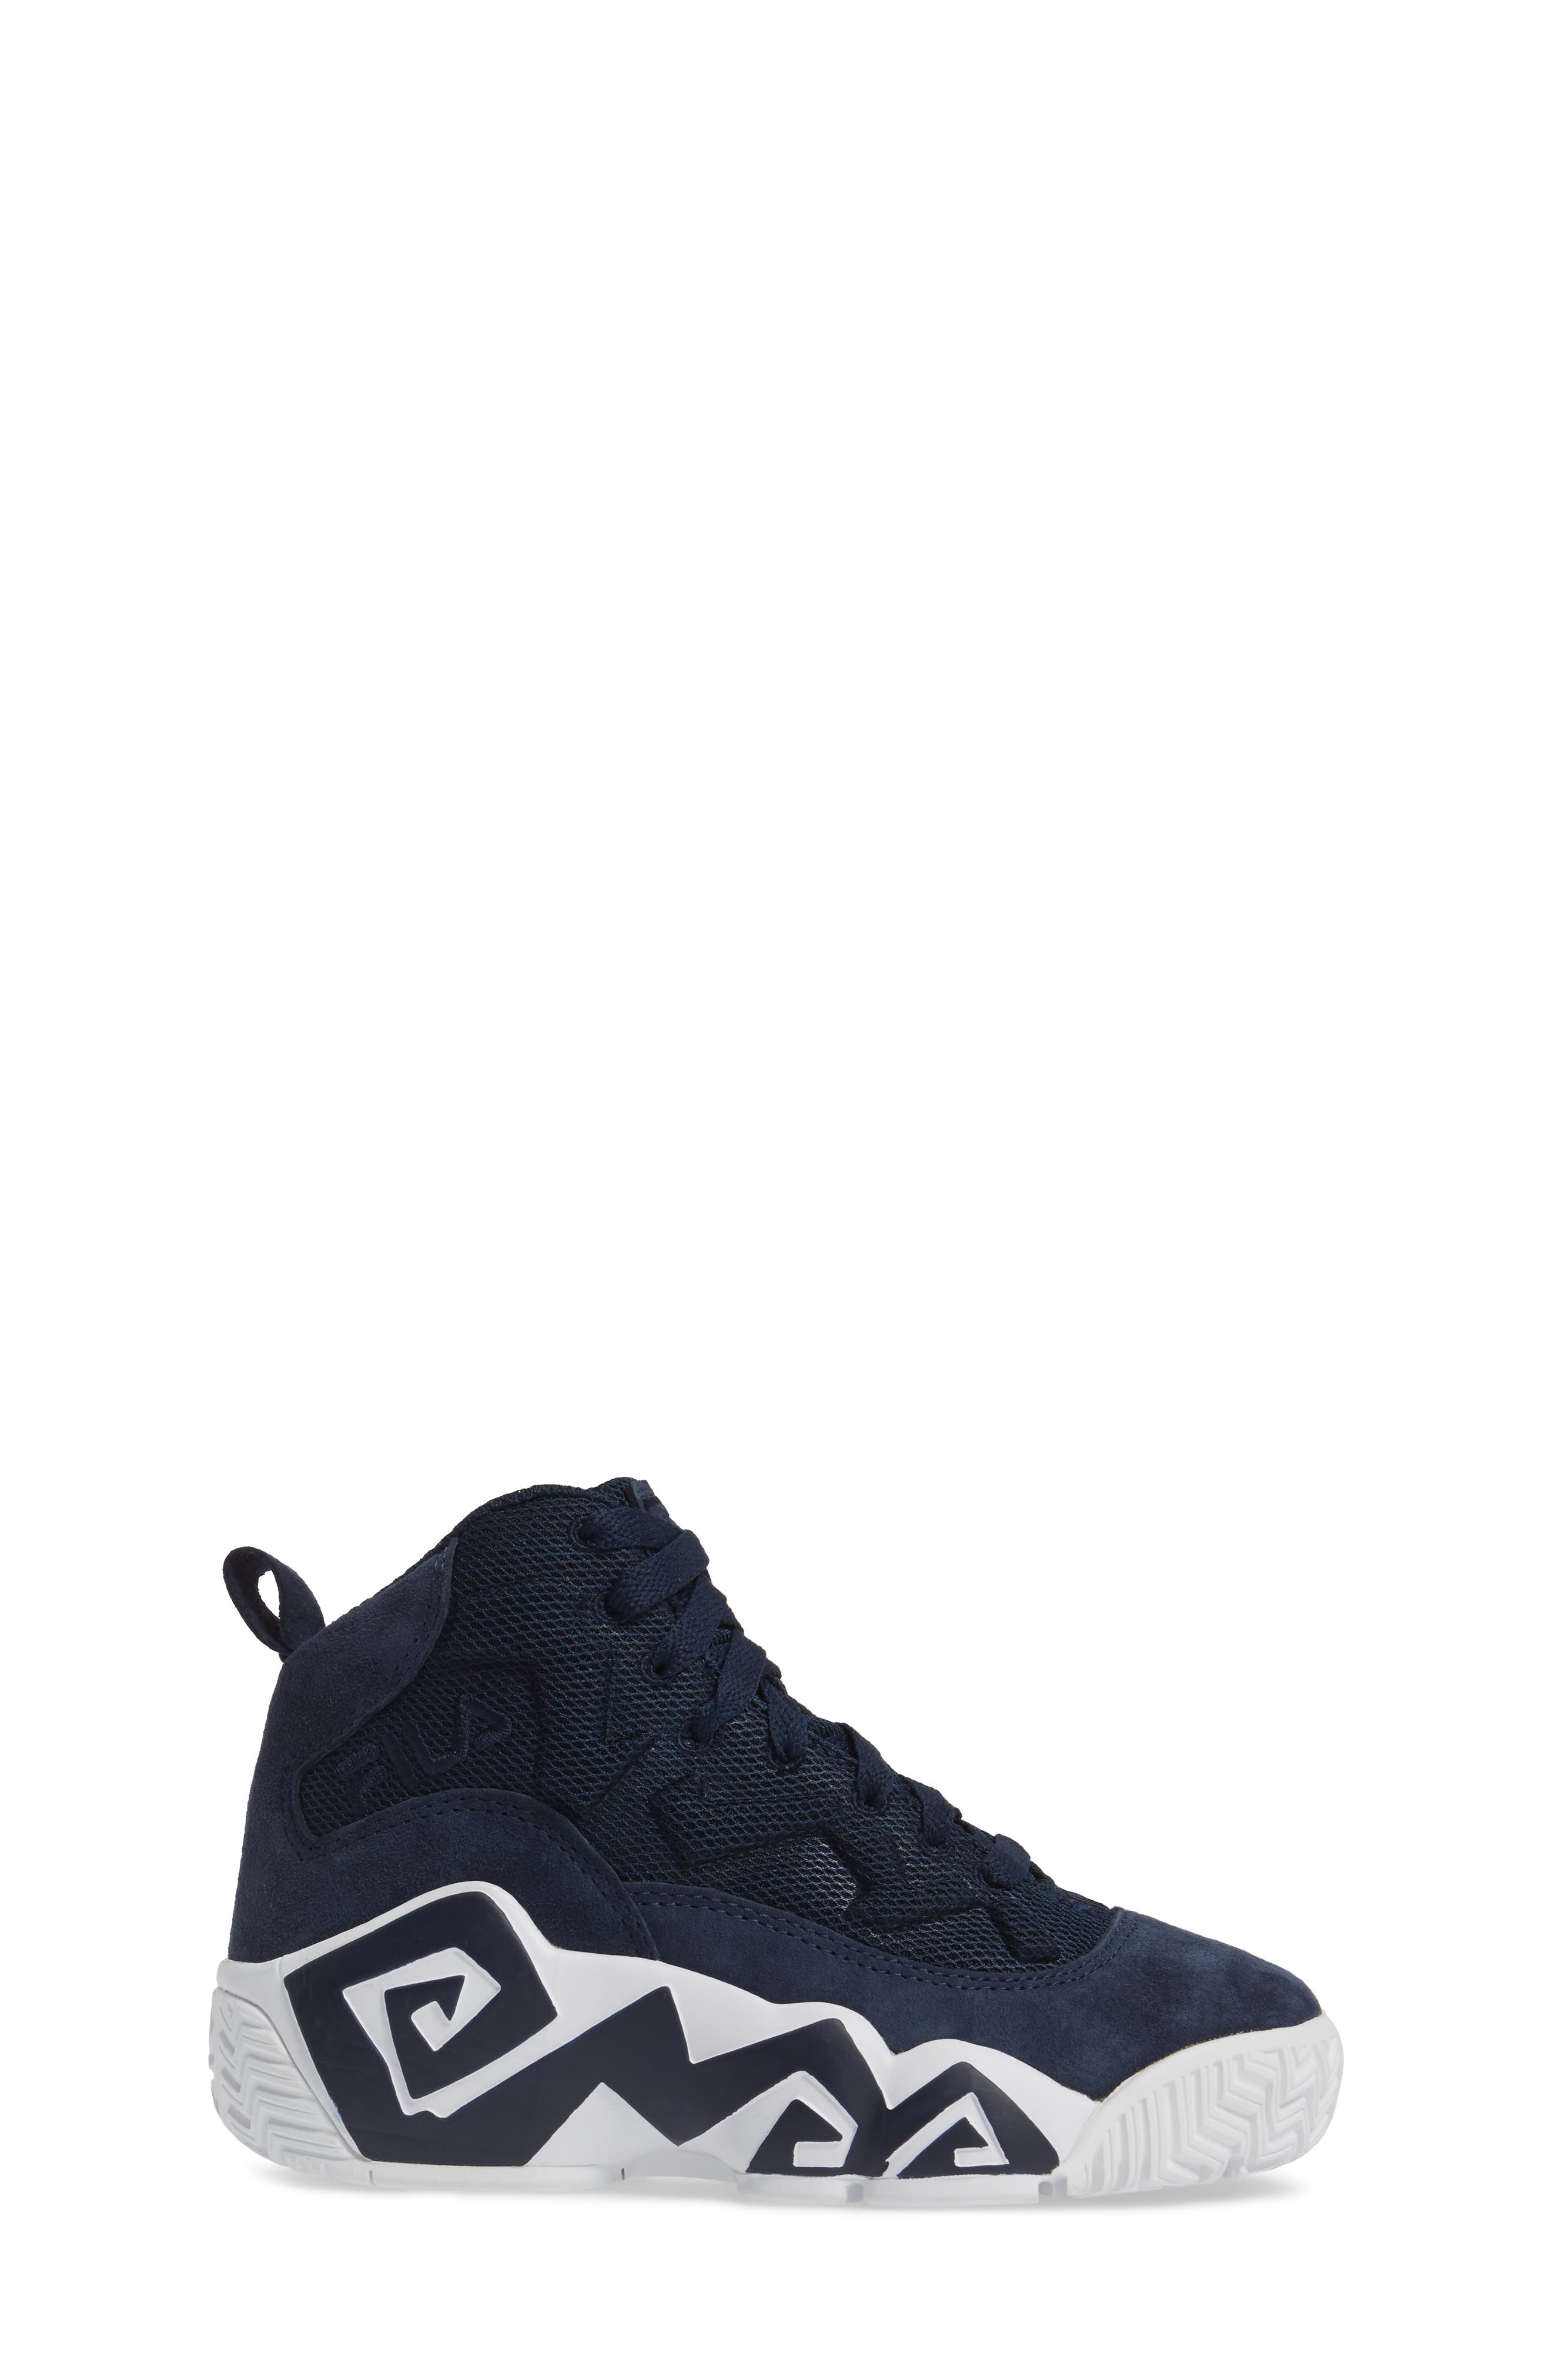 MB Mesh Sneaker,                             Alternate thumbnail 3, color,                             Navy/ White